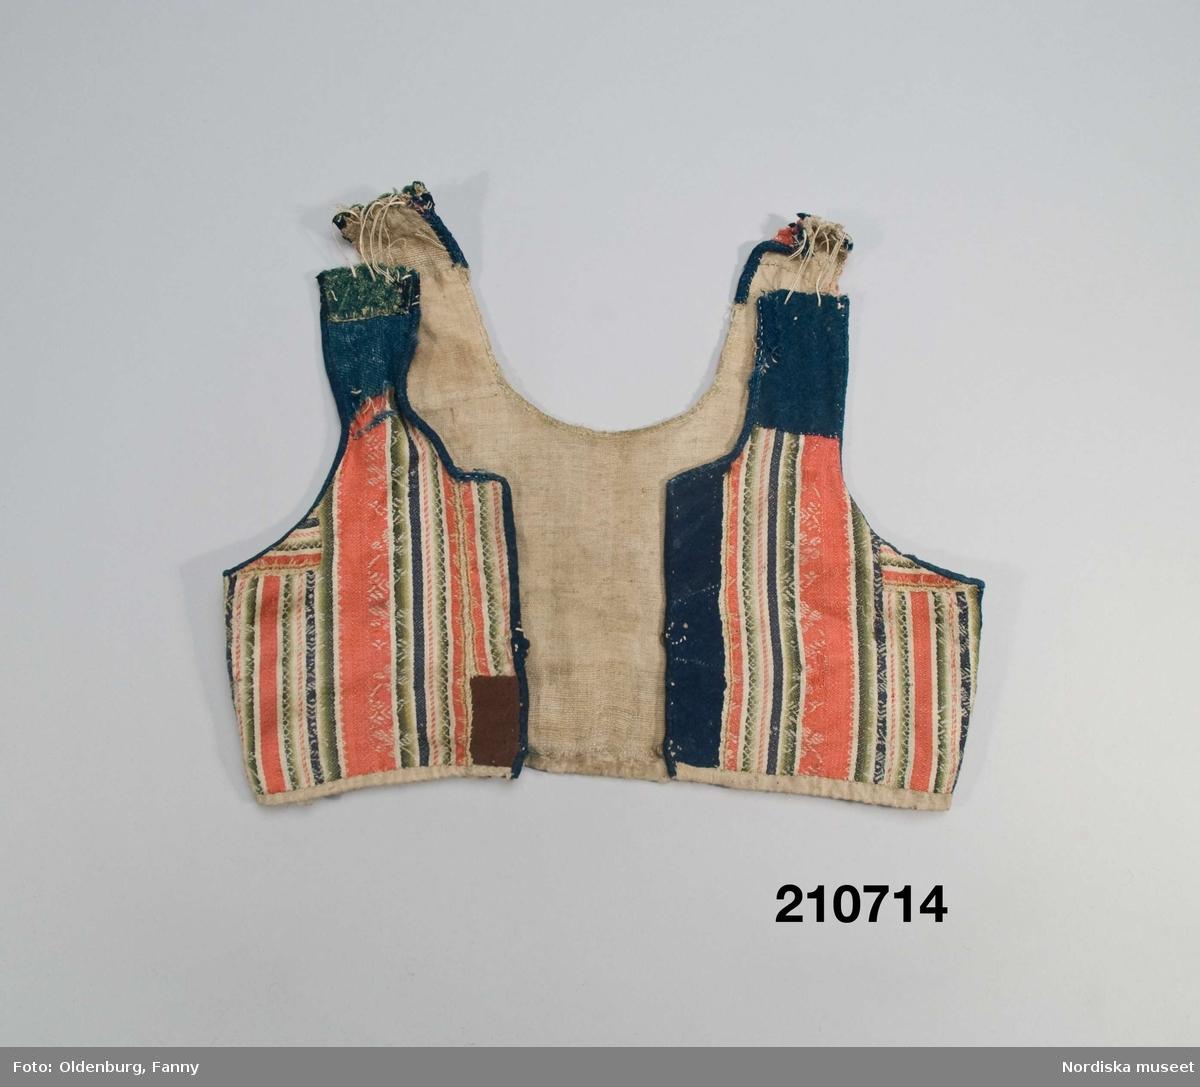 """Livstycke """"bod"""" som varit fastsytt på en kjol. Av varprandig yllesatin i rött, blått, vitt och gröna nyanser med invävda vita mönsterbårder, kvaliteten kallas blommerad kalmink och vävdes av kamgarn och glättades. 2 framstycken  och ett bakstycke med 3 påsydda lila band i ryggen. Livstycket består av flera hopskarvade bitar, dels av kalminktyget dels av mörkblått kläde samt blått och grönt vadmal (på axlarna och vid ena framkanten där det även finns en brun bit).I sidorna iskarvad med på ena sidan gult kläde på den andra mörkblått kläde. Kantad kring ärmhål och hals/framkant med blå vadmal och blått kläde. På insidan av framkanterna svart kläde, knäppning med  2 par hakar och hyskor av mässing. Fodrat med oblekt ojämnt vävt linnelärft Anm. Slitet, avklippt på axlarna där livet förlängts med öglor av dubbelt lingarn. Sådana blommerade kalminker vävdes främst i England och kom till Norden under 1700-talets andra del och blev moderna i folkligt dräktskick.  /Berit Eldvik 2007-09-20"""